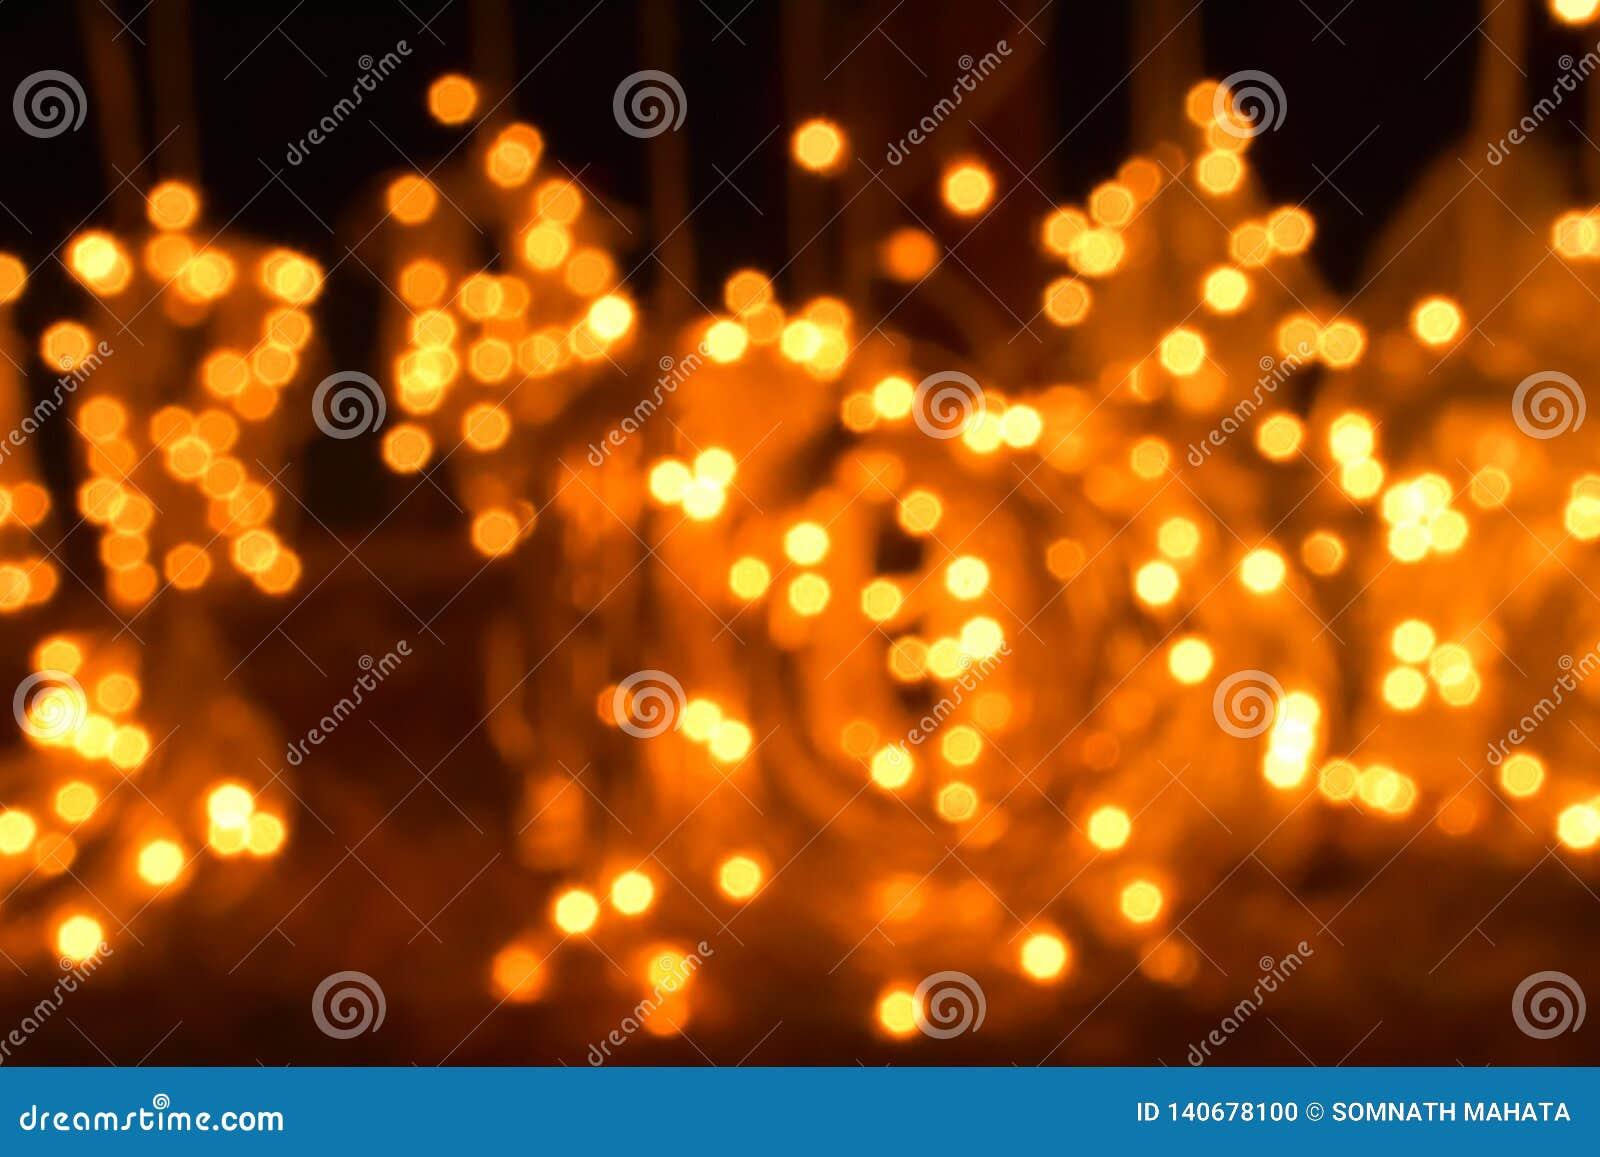 Prickar av att blänka ljus suddigheta lampor